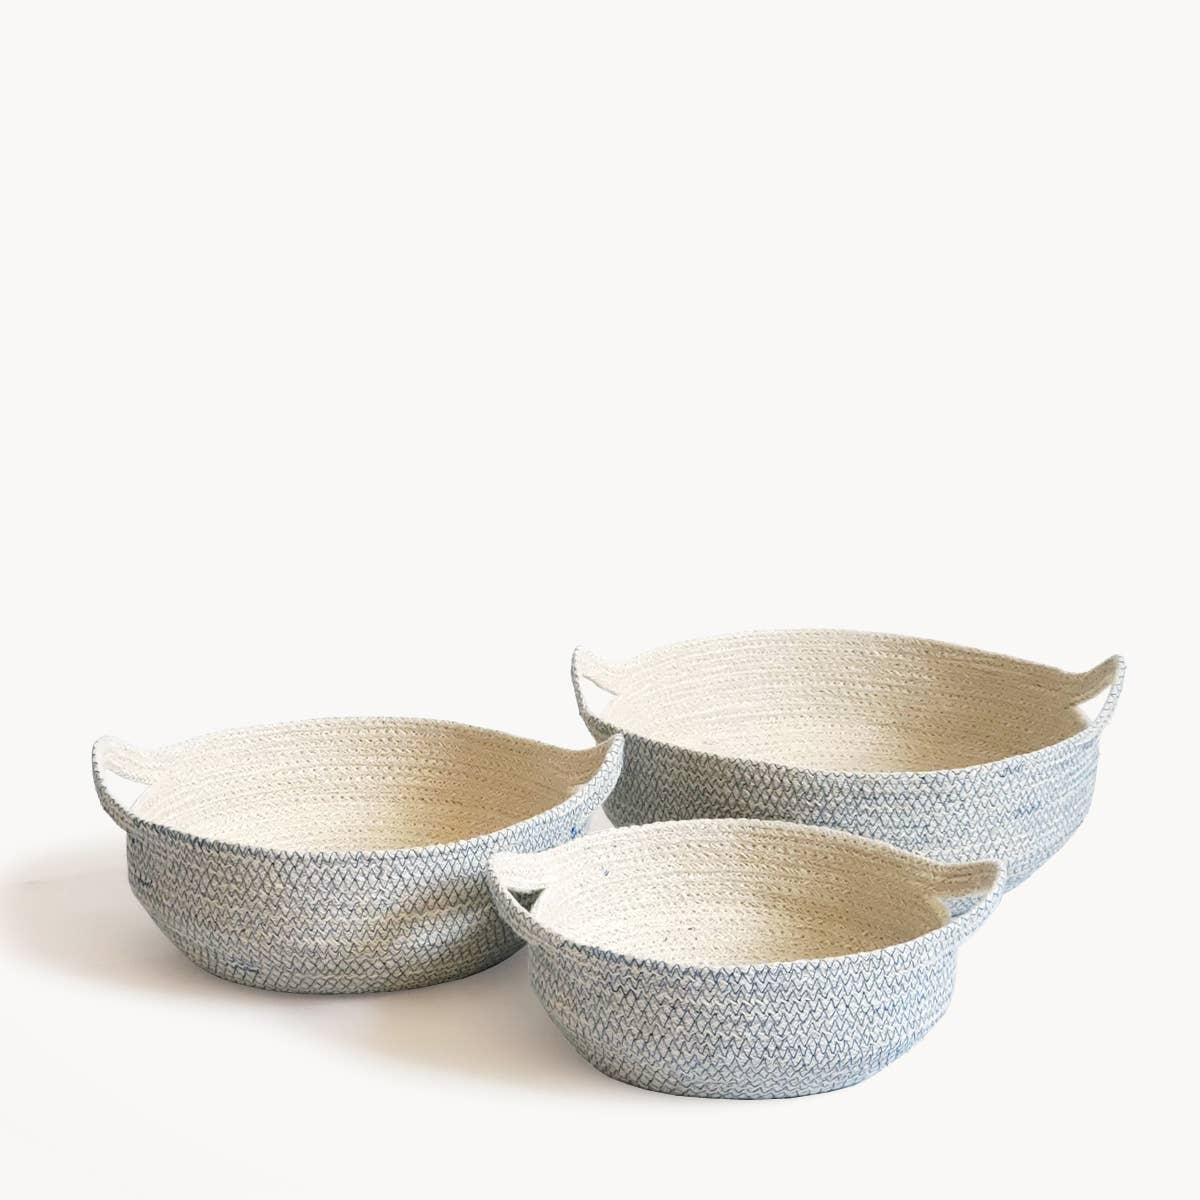 Amari Fruit Bowl - Blue (Set of 3) | Trada Marketplace